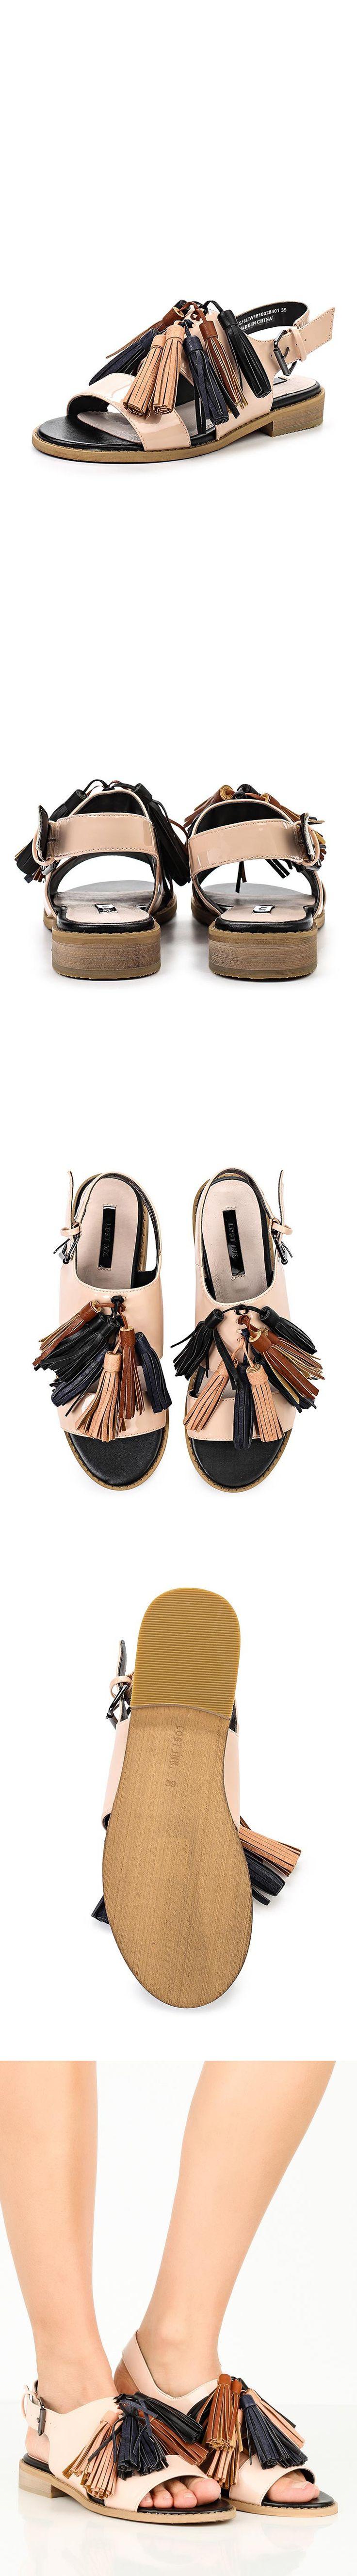 Женская обувь сандалии LOST INK за 2790.00 руб.